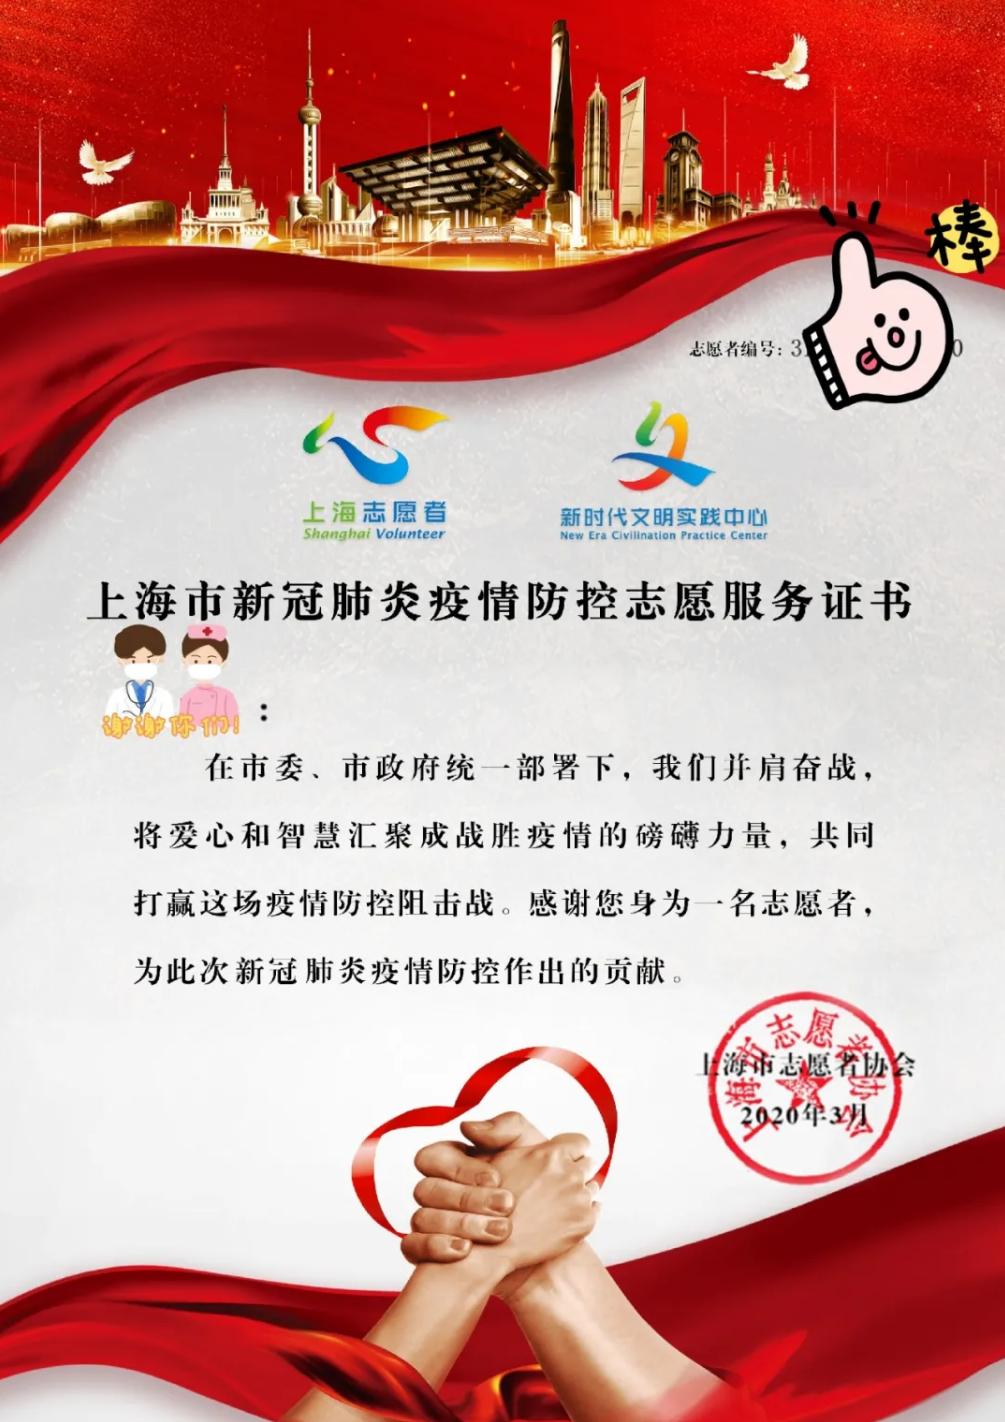 @上海志愿者,你有一张疫情防控志愿服务证书待领取